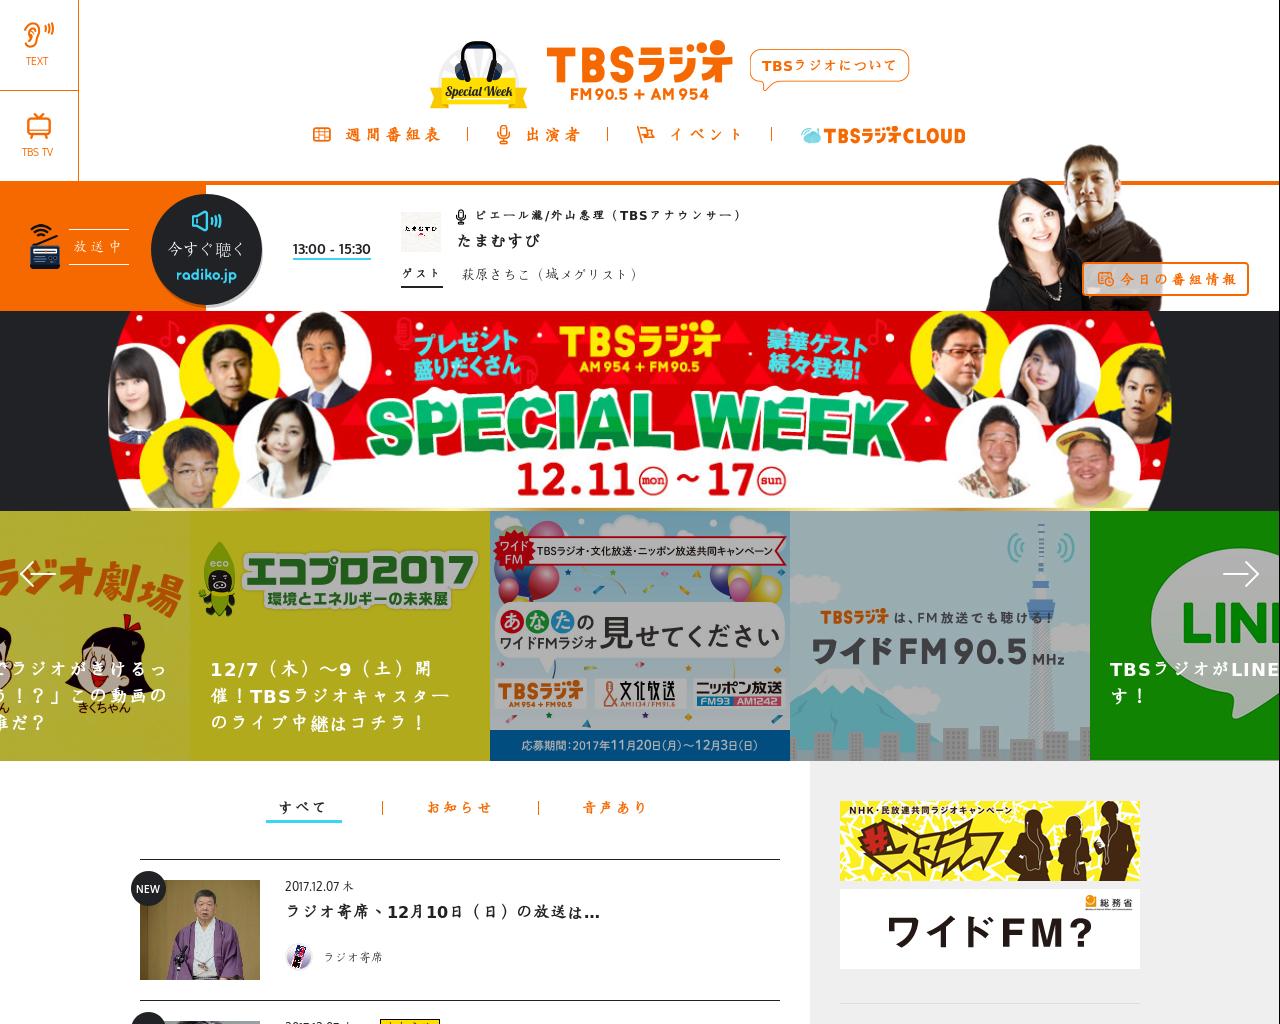 www.tbsradio.jp(2017/12/02 14:40:53)